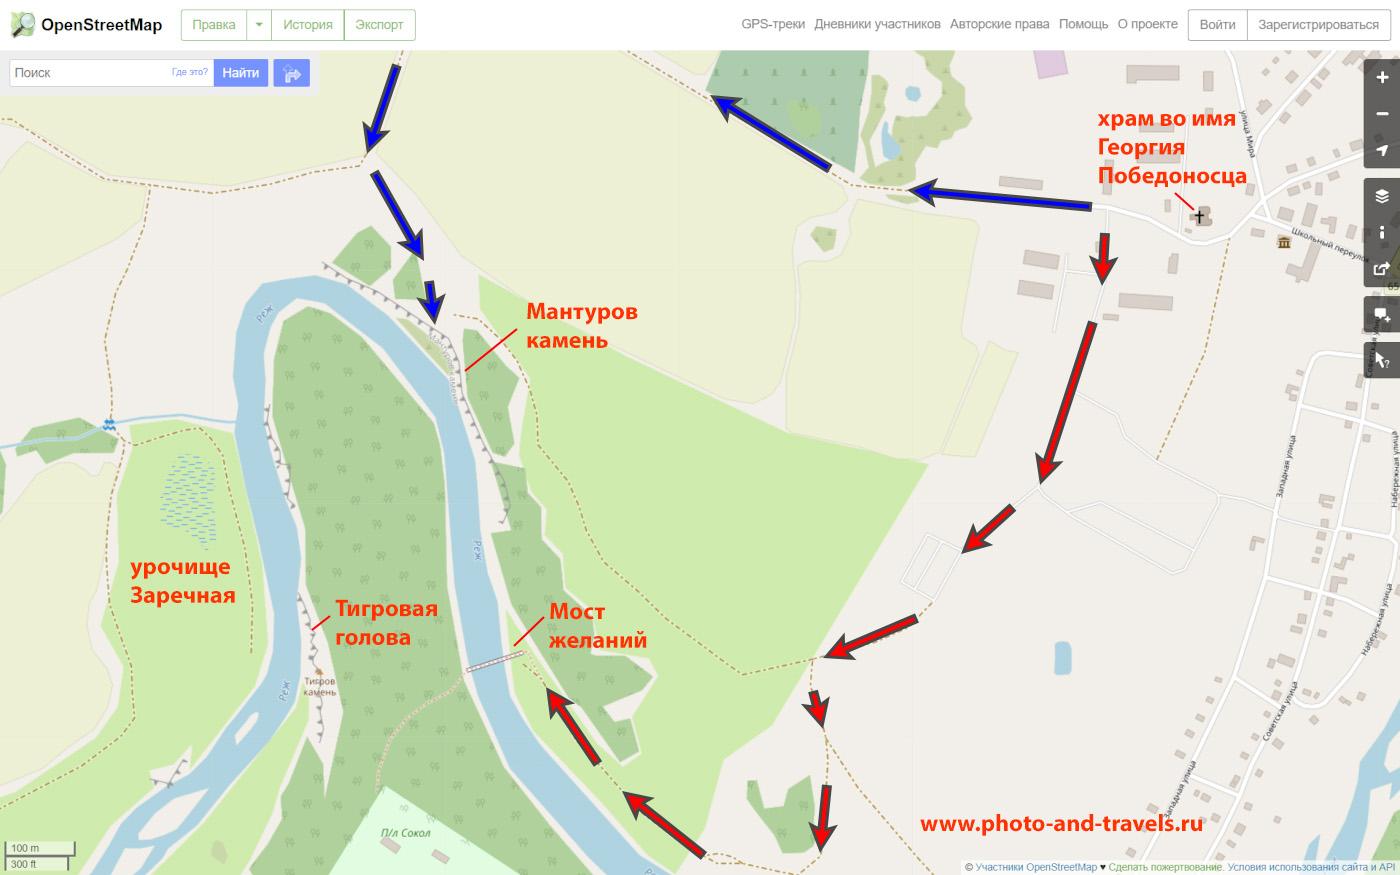 3. Карта со схемой маршрута экскурсии по скалам Мантуров камень и Тигровый камень (Тигриная голова) близ села Мироново. Синие стрелки - к смотровым площадкам наверху, красные - к подножью, к Мосту желаний.